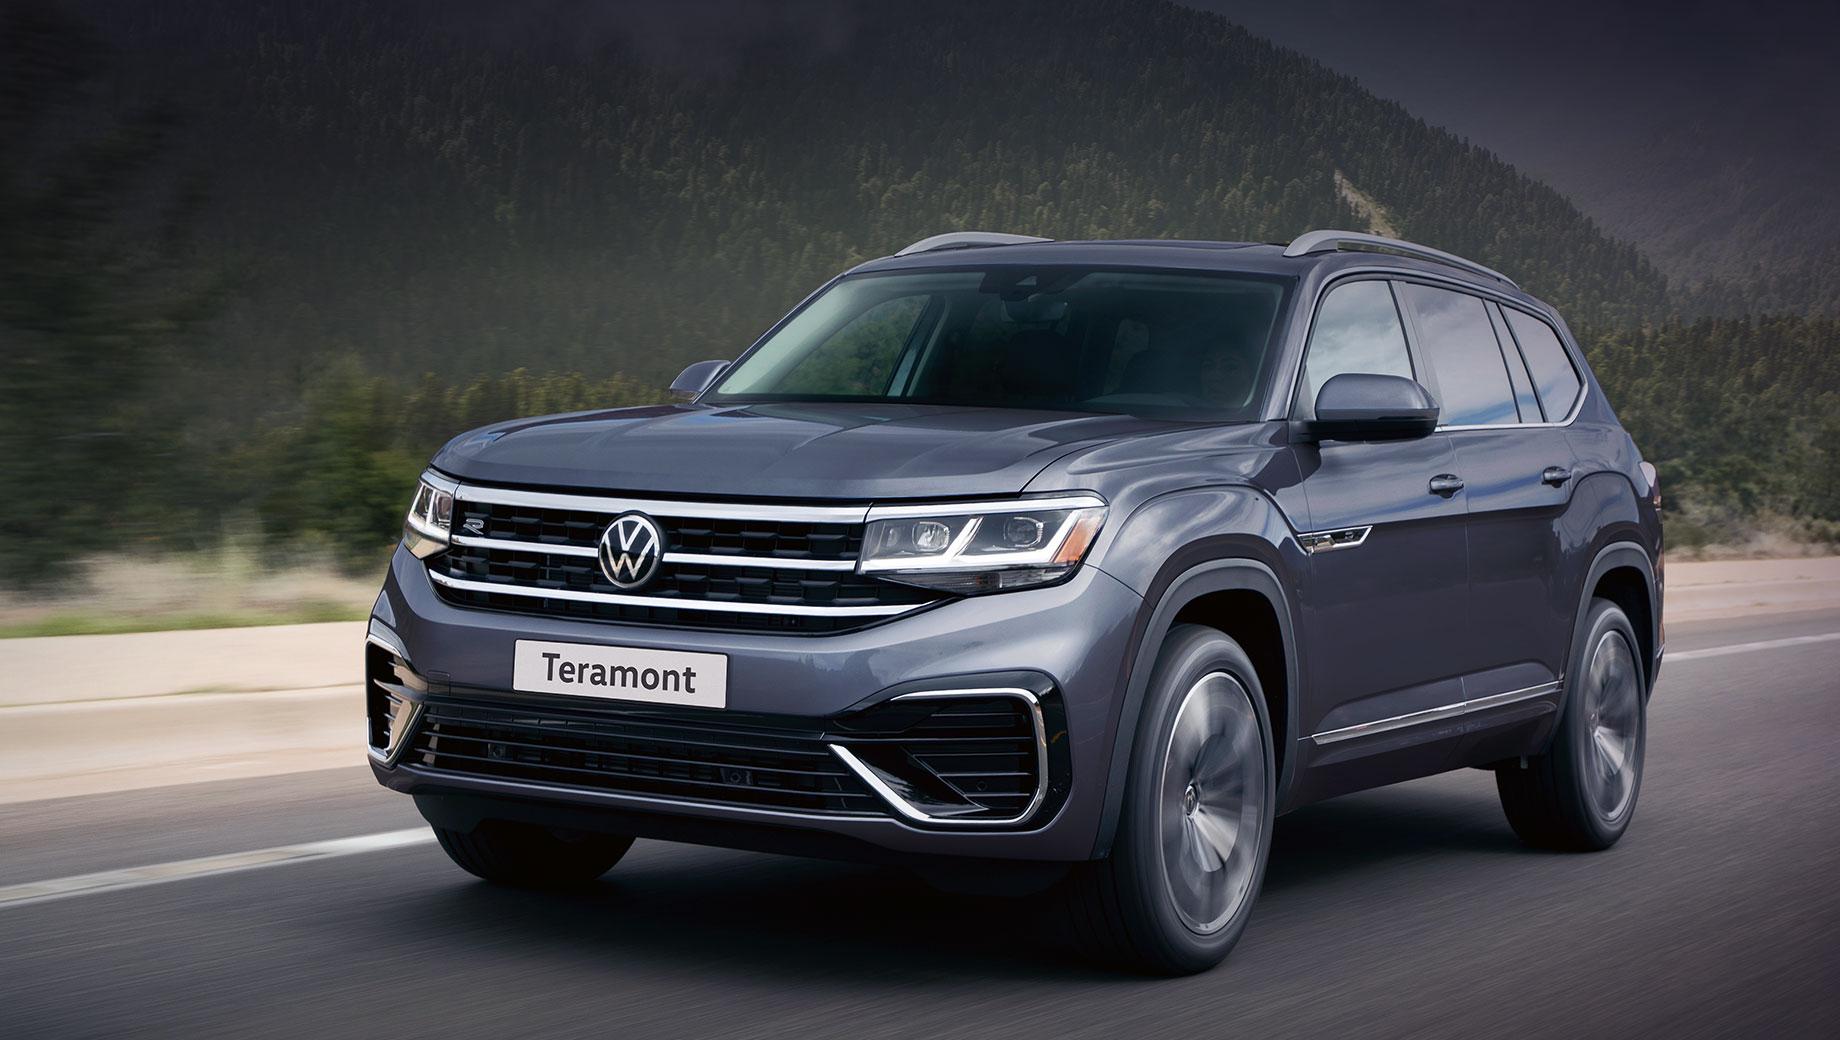 Обновлённый Volkswagen Teramont прибудет в Россию весной